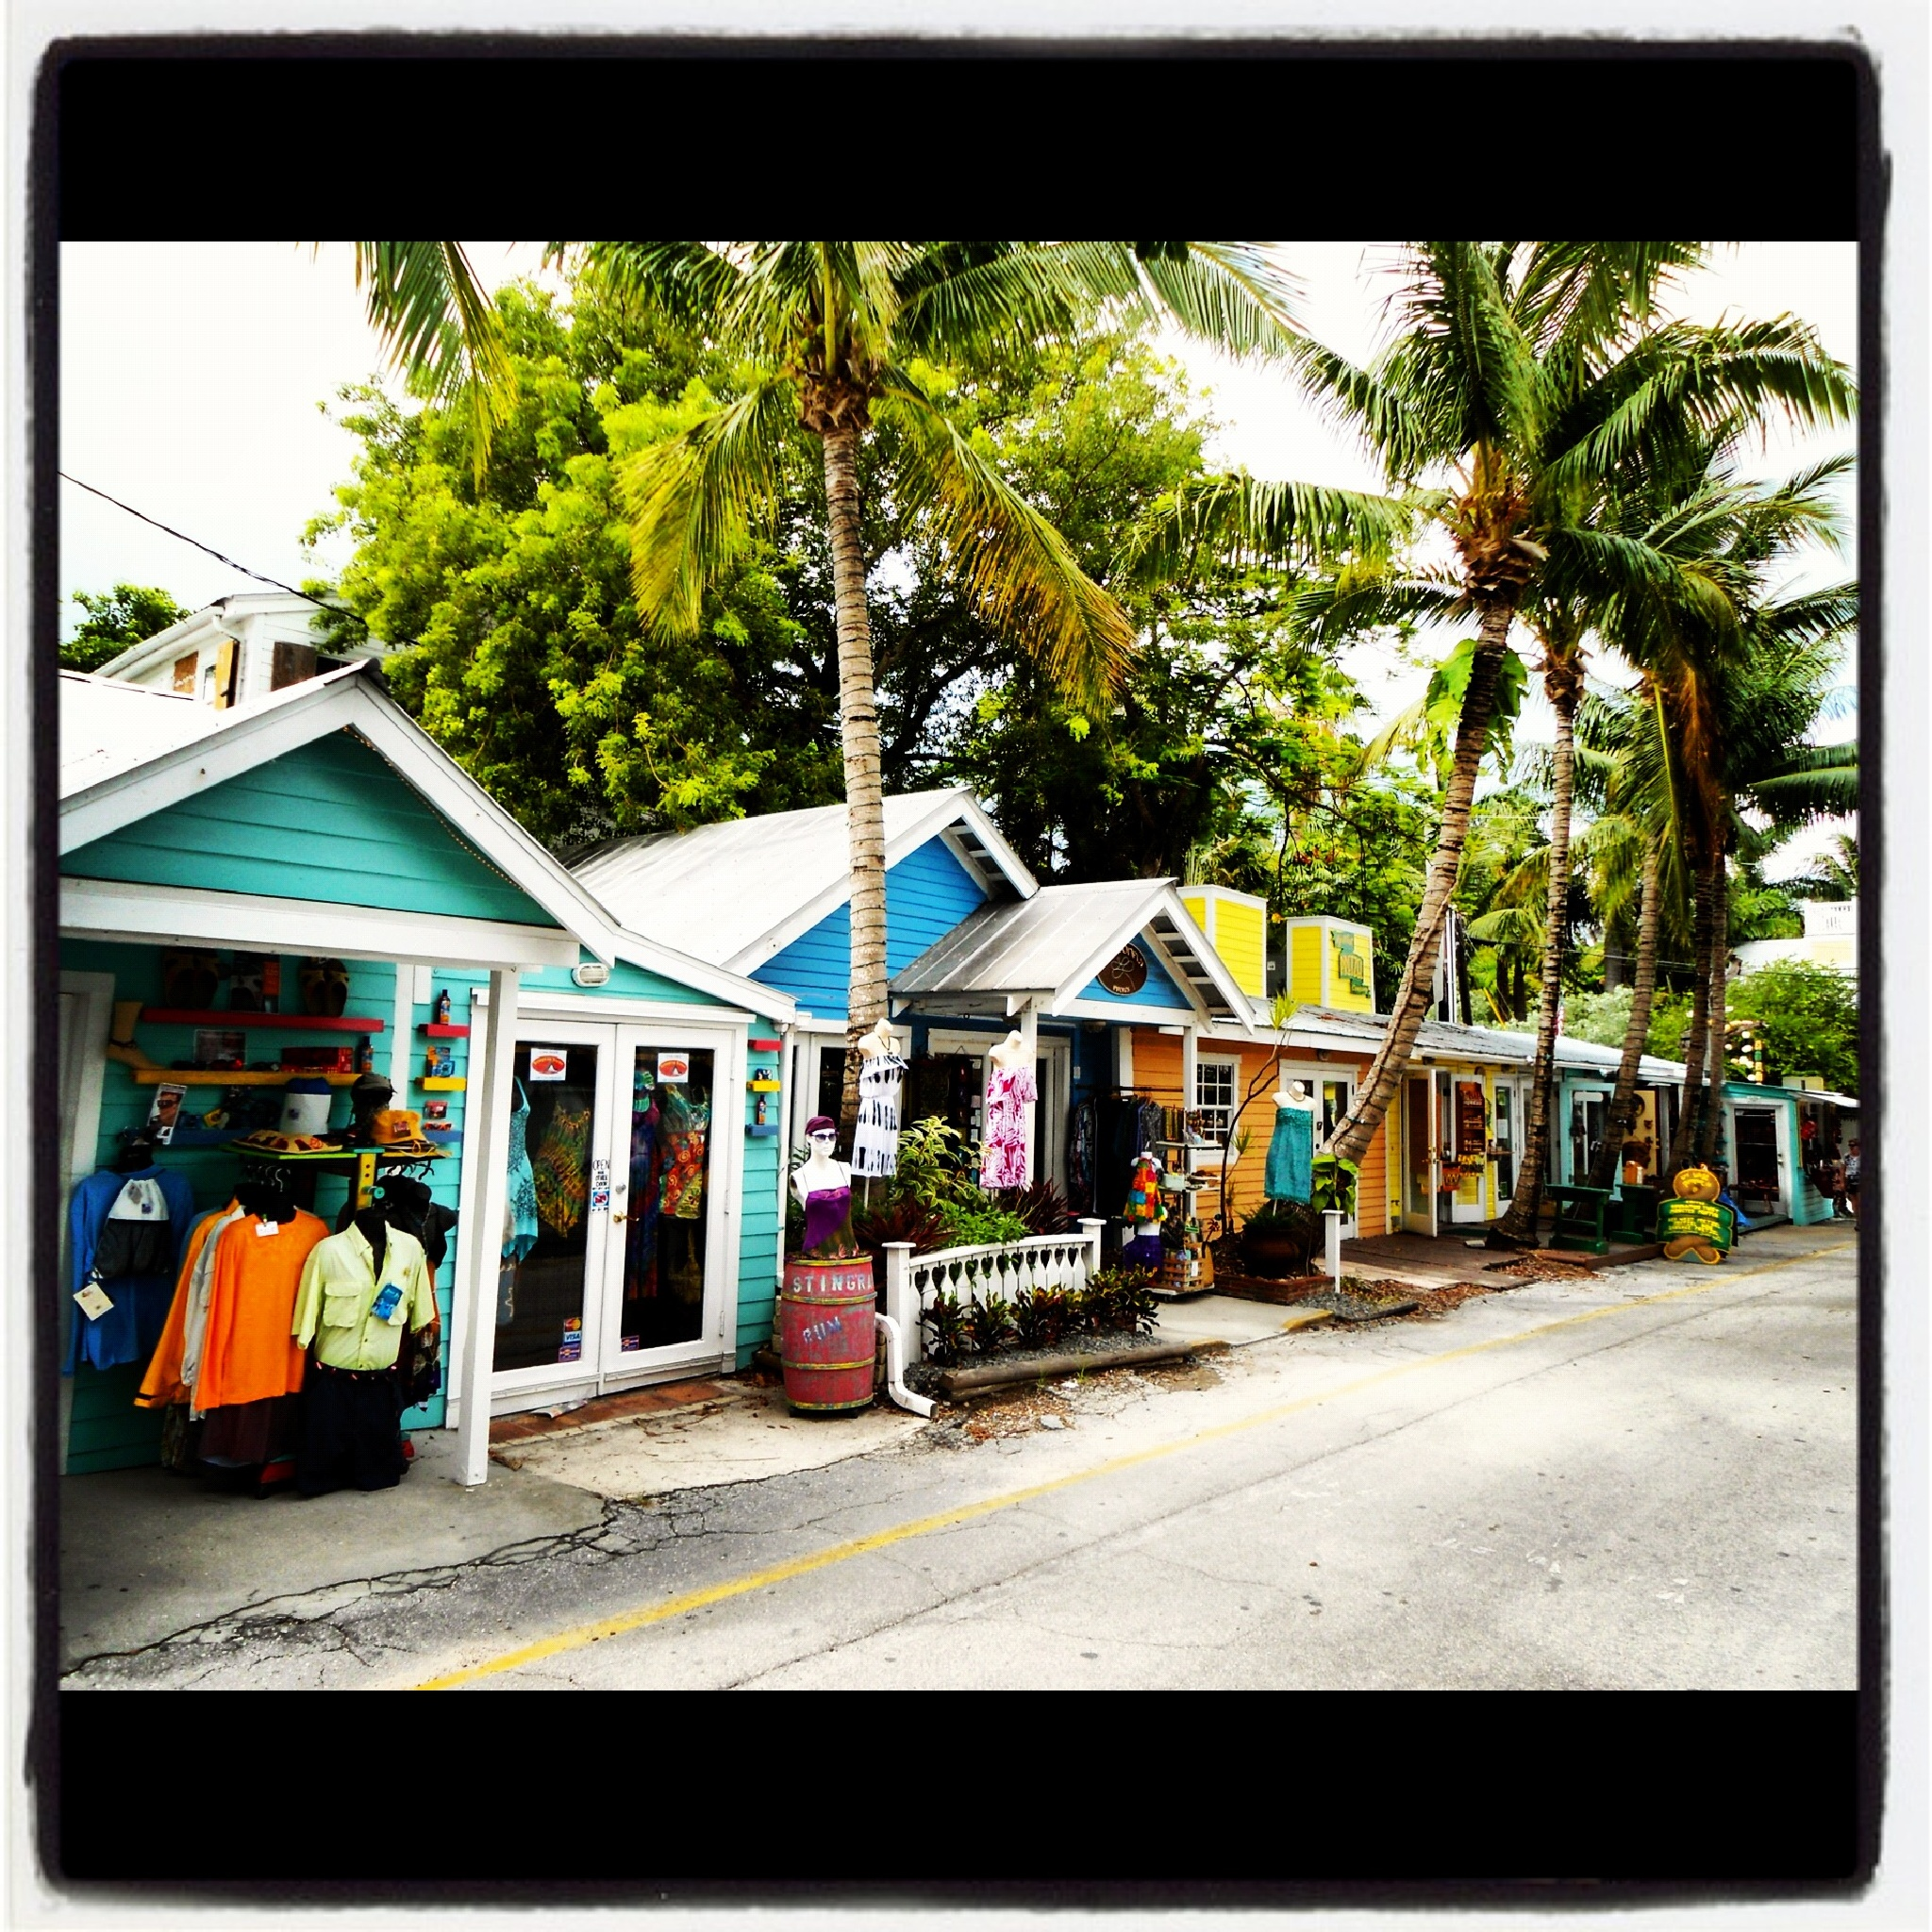 Village Shops by Ed Fayette